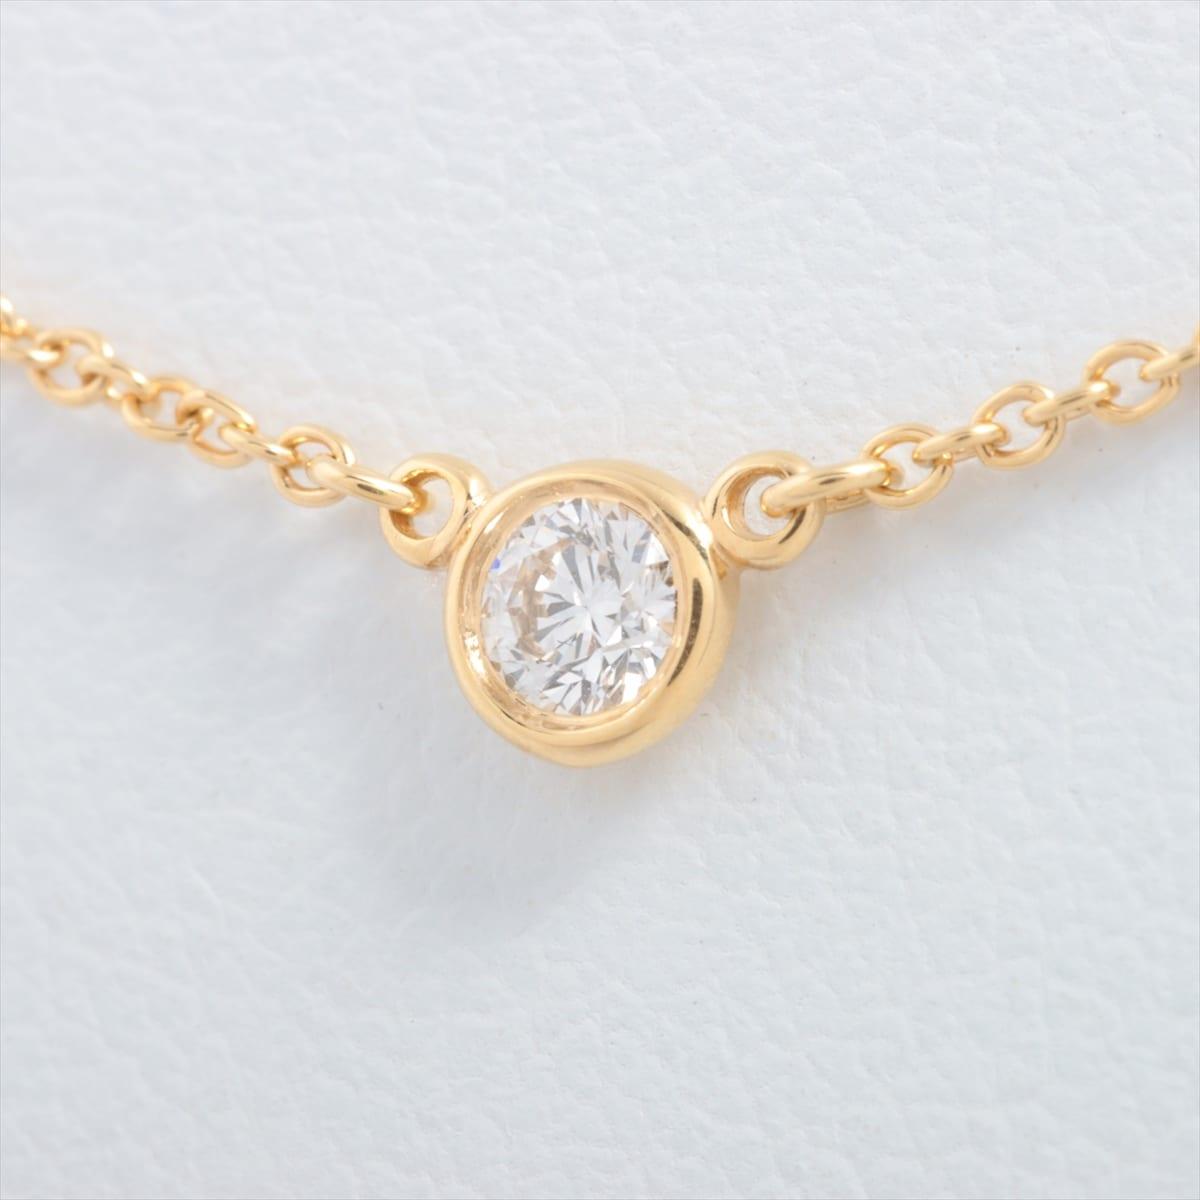 中古 ティファニー Tiffany 至高 Co. バイザヤード 正規店 750YG ダイヤモンド ネックレス